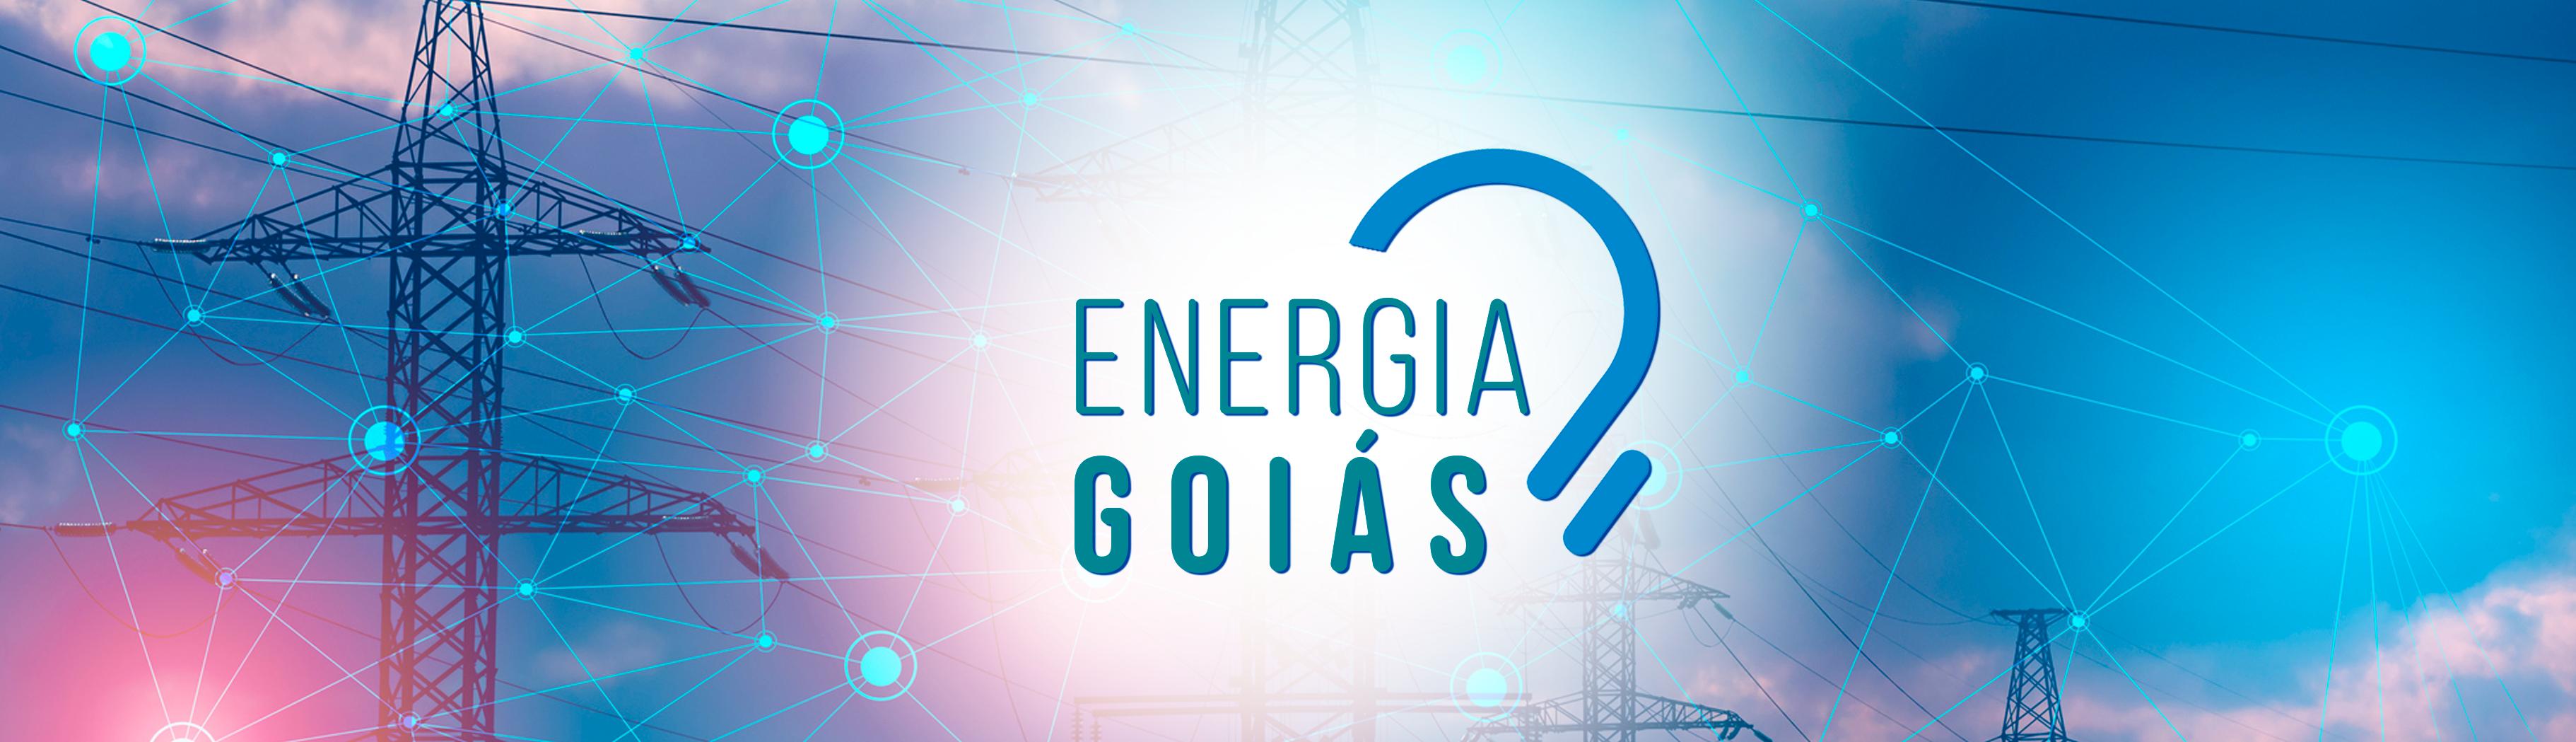 Energia Goiás